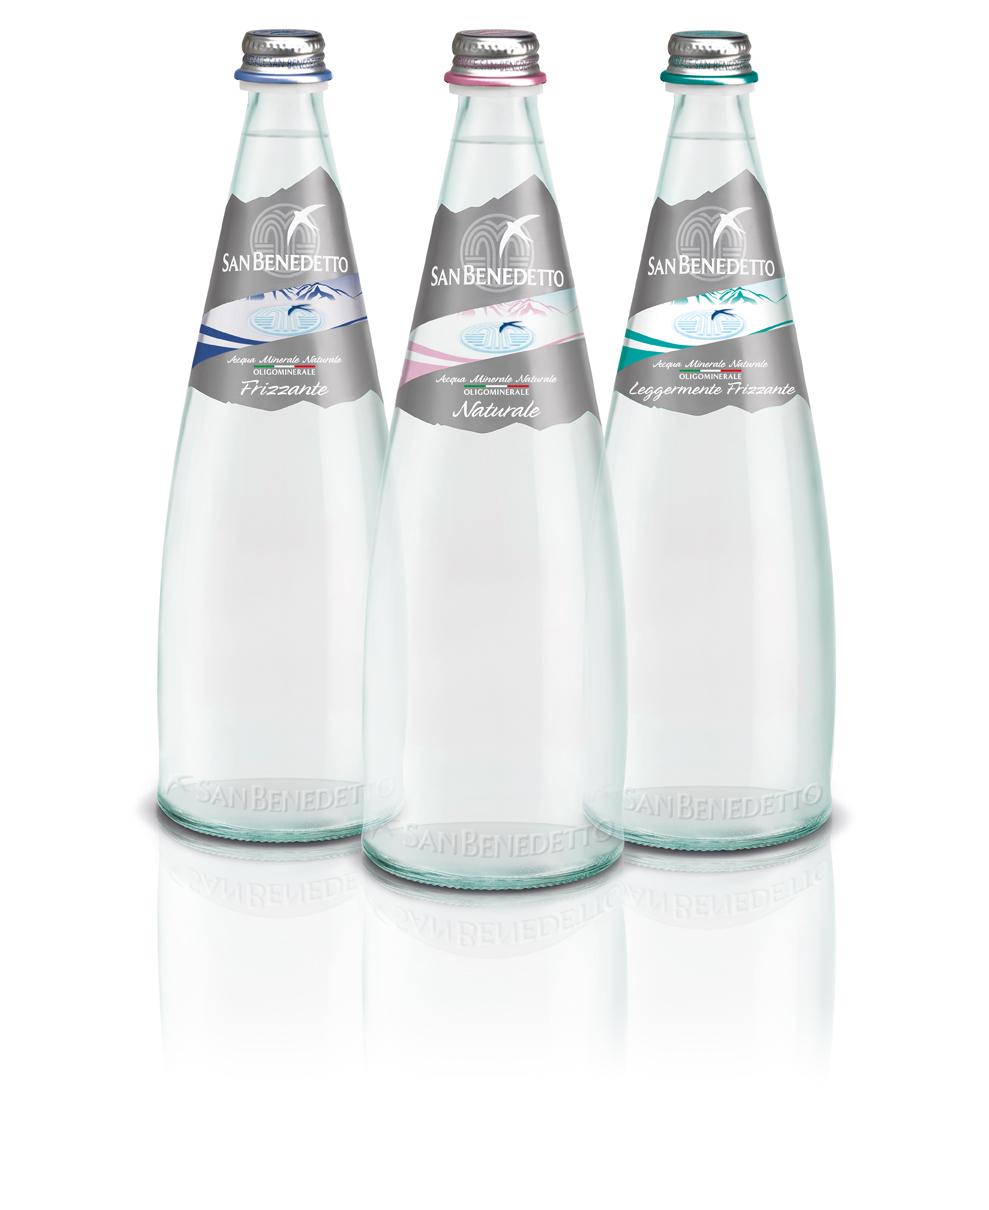 Nasce Prestige San Benedetto, l'eleganza fatta bottiglia